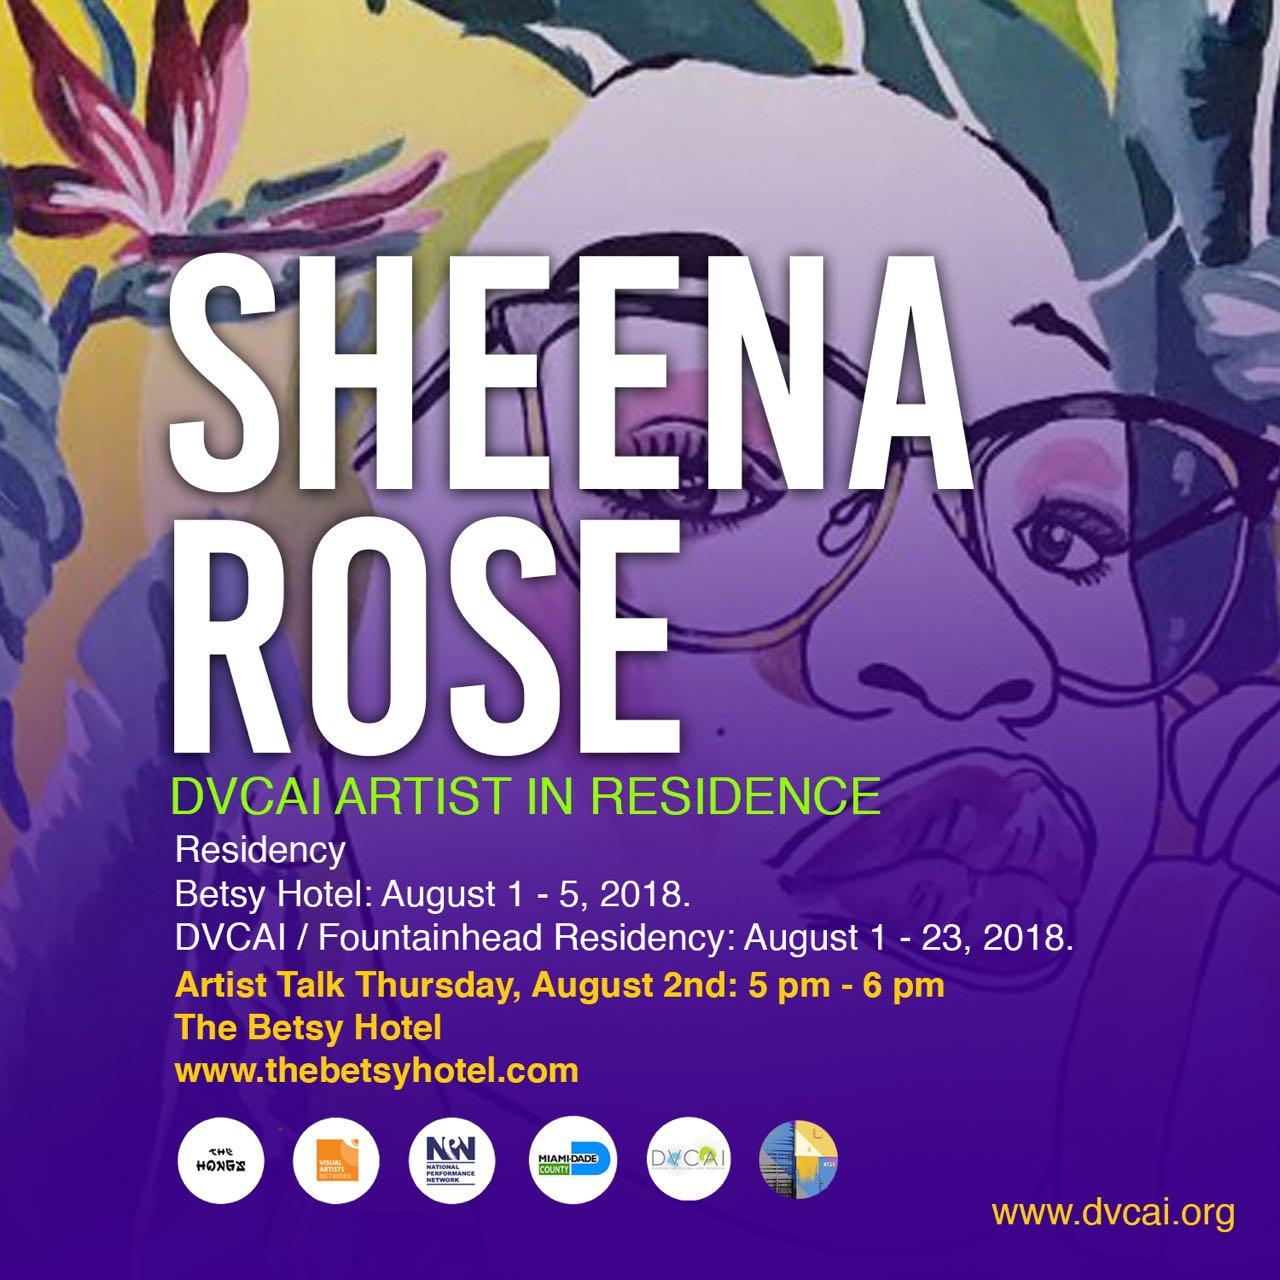 sheena rose artist talk.JPG